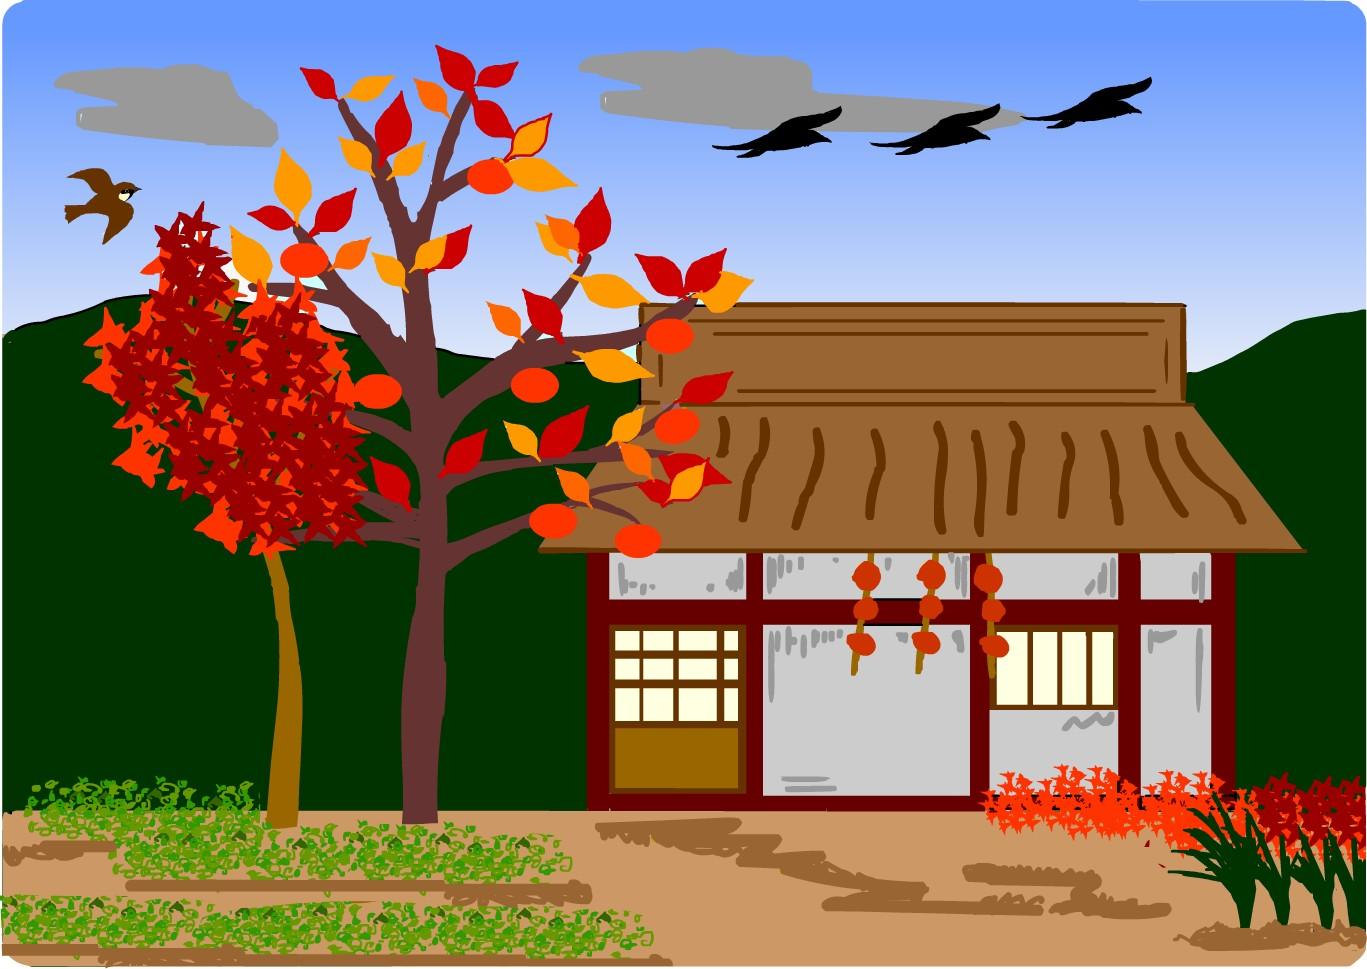 見渡せ ば 花 も 紅葉 もなか り けり 浦 の 苫屋 の 秋 の 夕暮れ